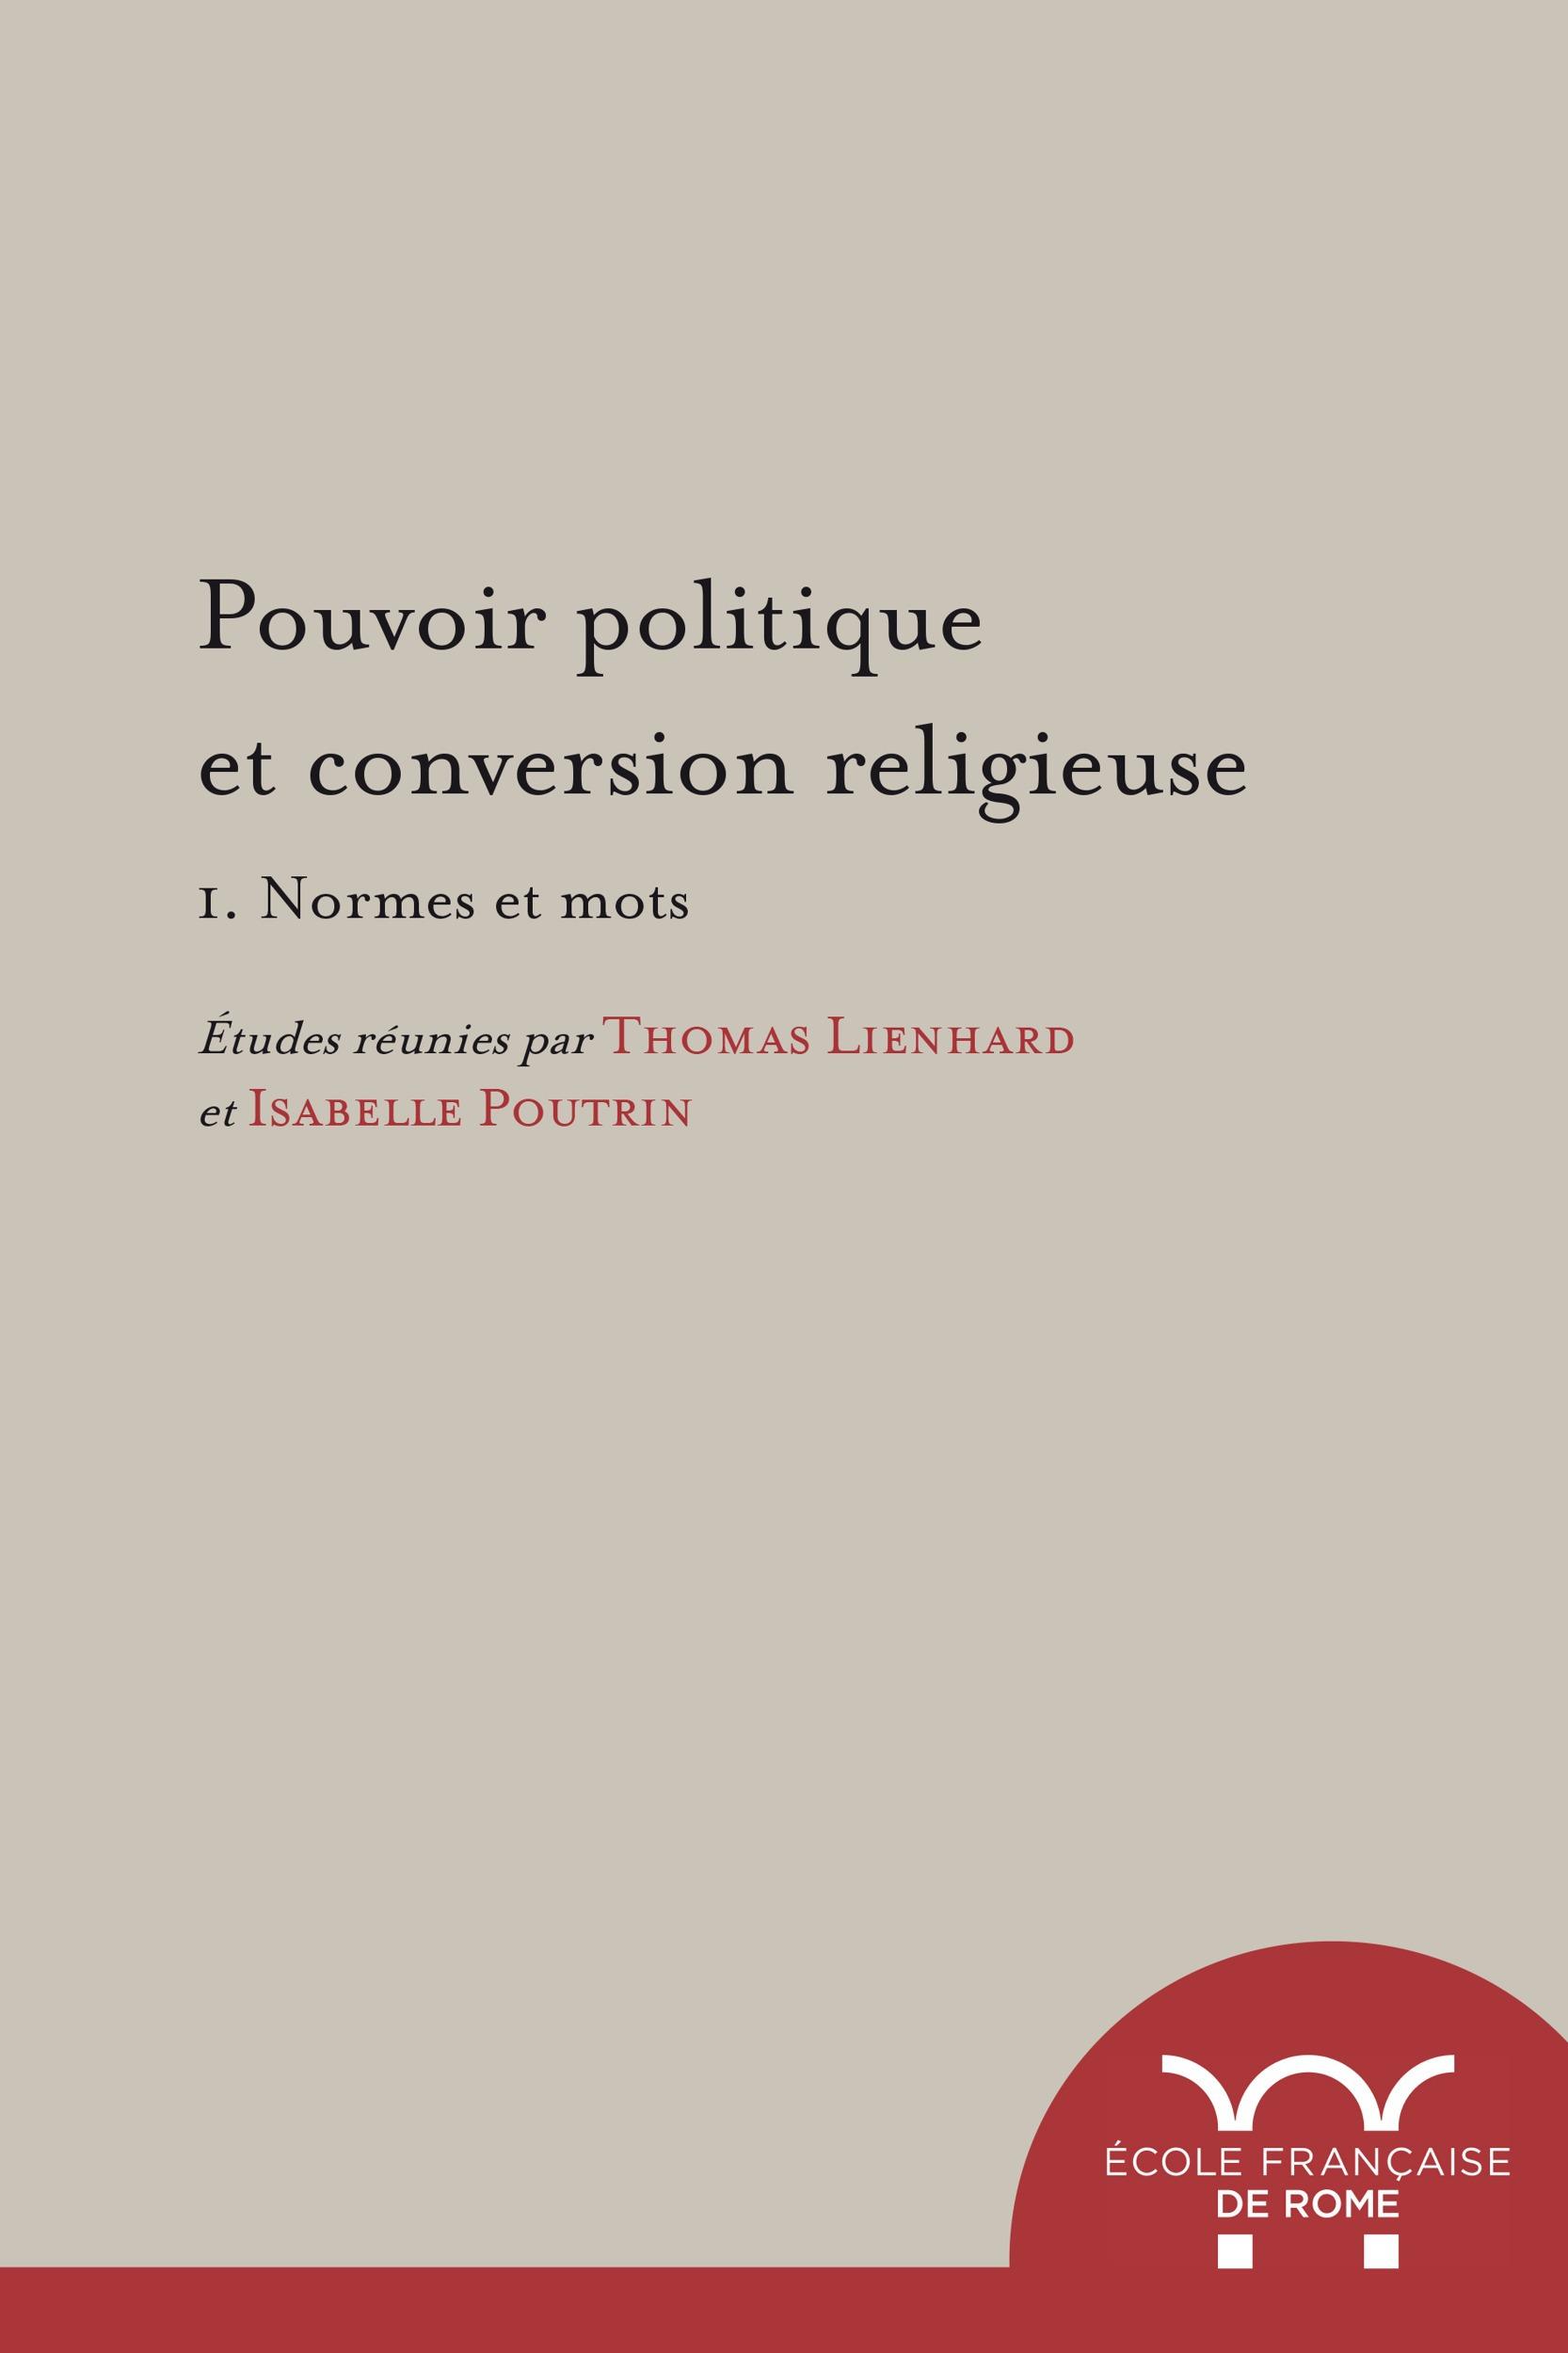 Pouvoir politique et conversion religieuse. 1. Normes et mots